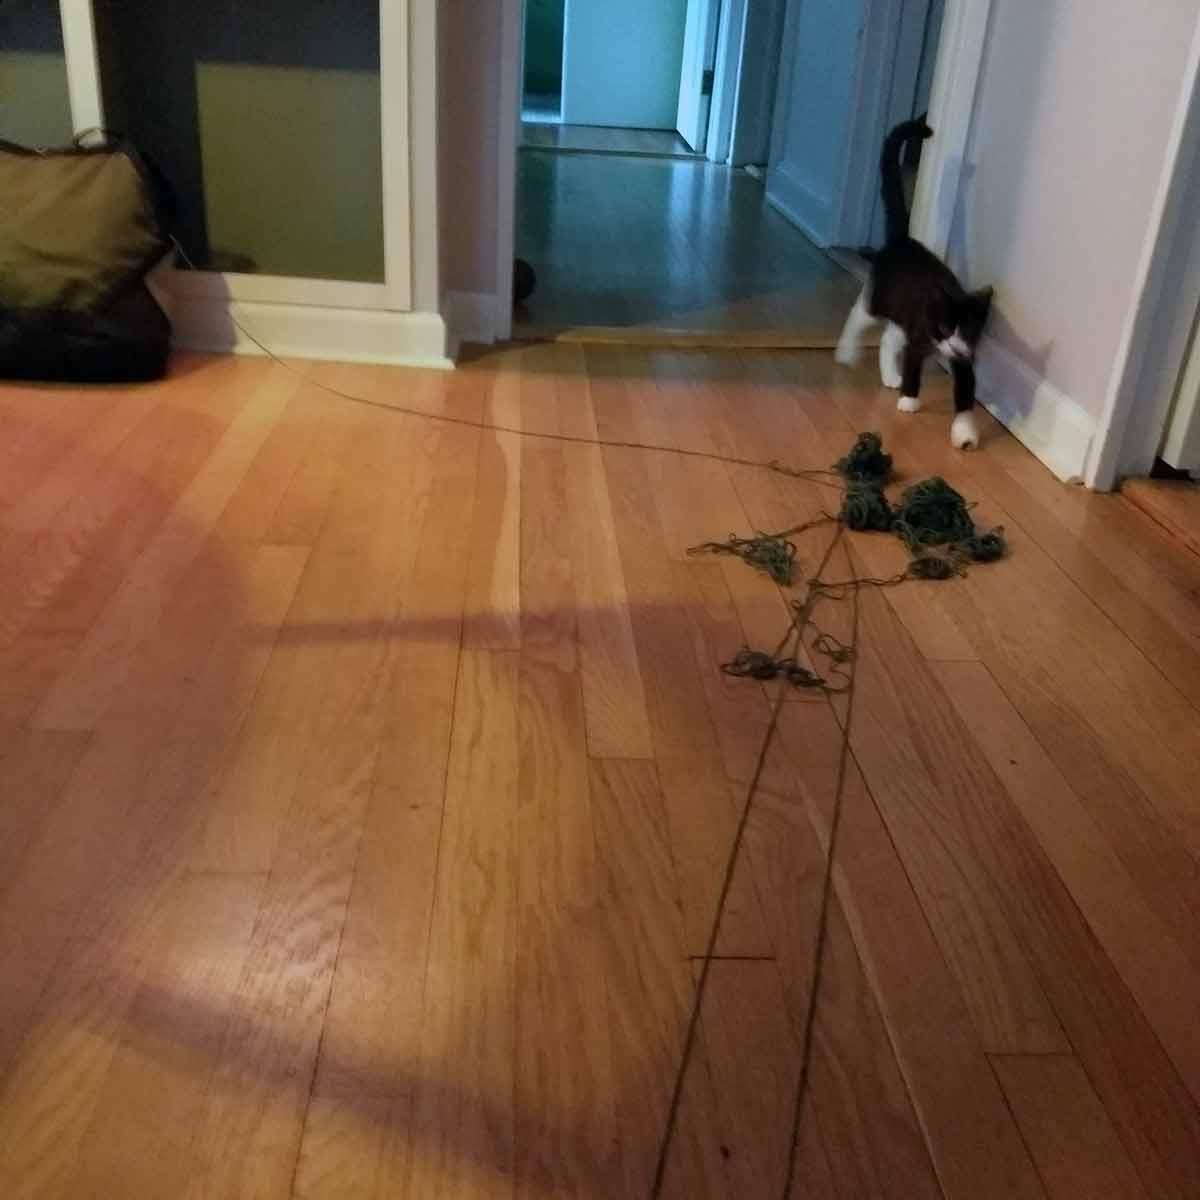 tangled yarn on wood floor and kitten walking toward camera